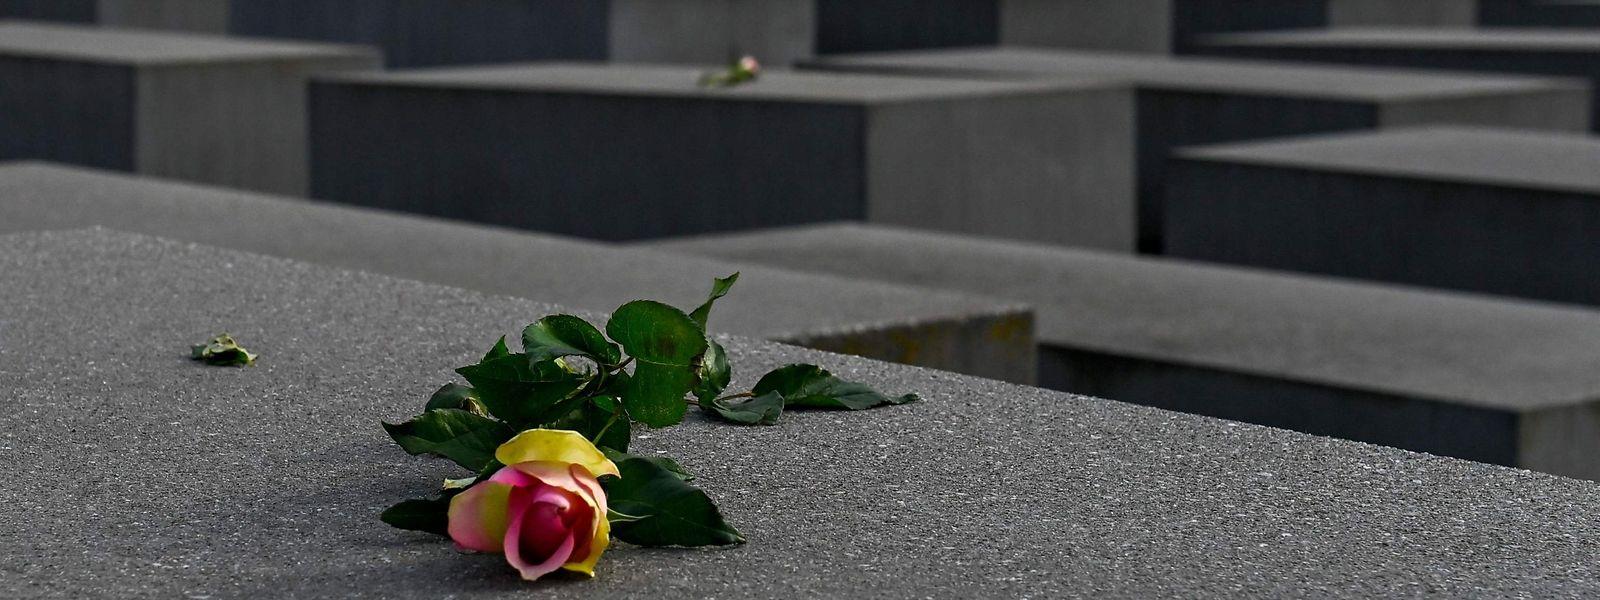 Einzelne Rosen liegen zum Gedenken an die Opfer des Nationalsozialismus auf einigen Stelen des Holocaust-Mahnmals im Berliner Tiergarten.